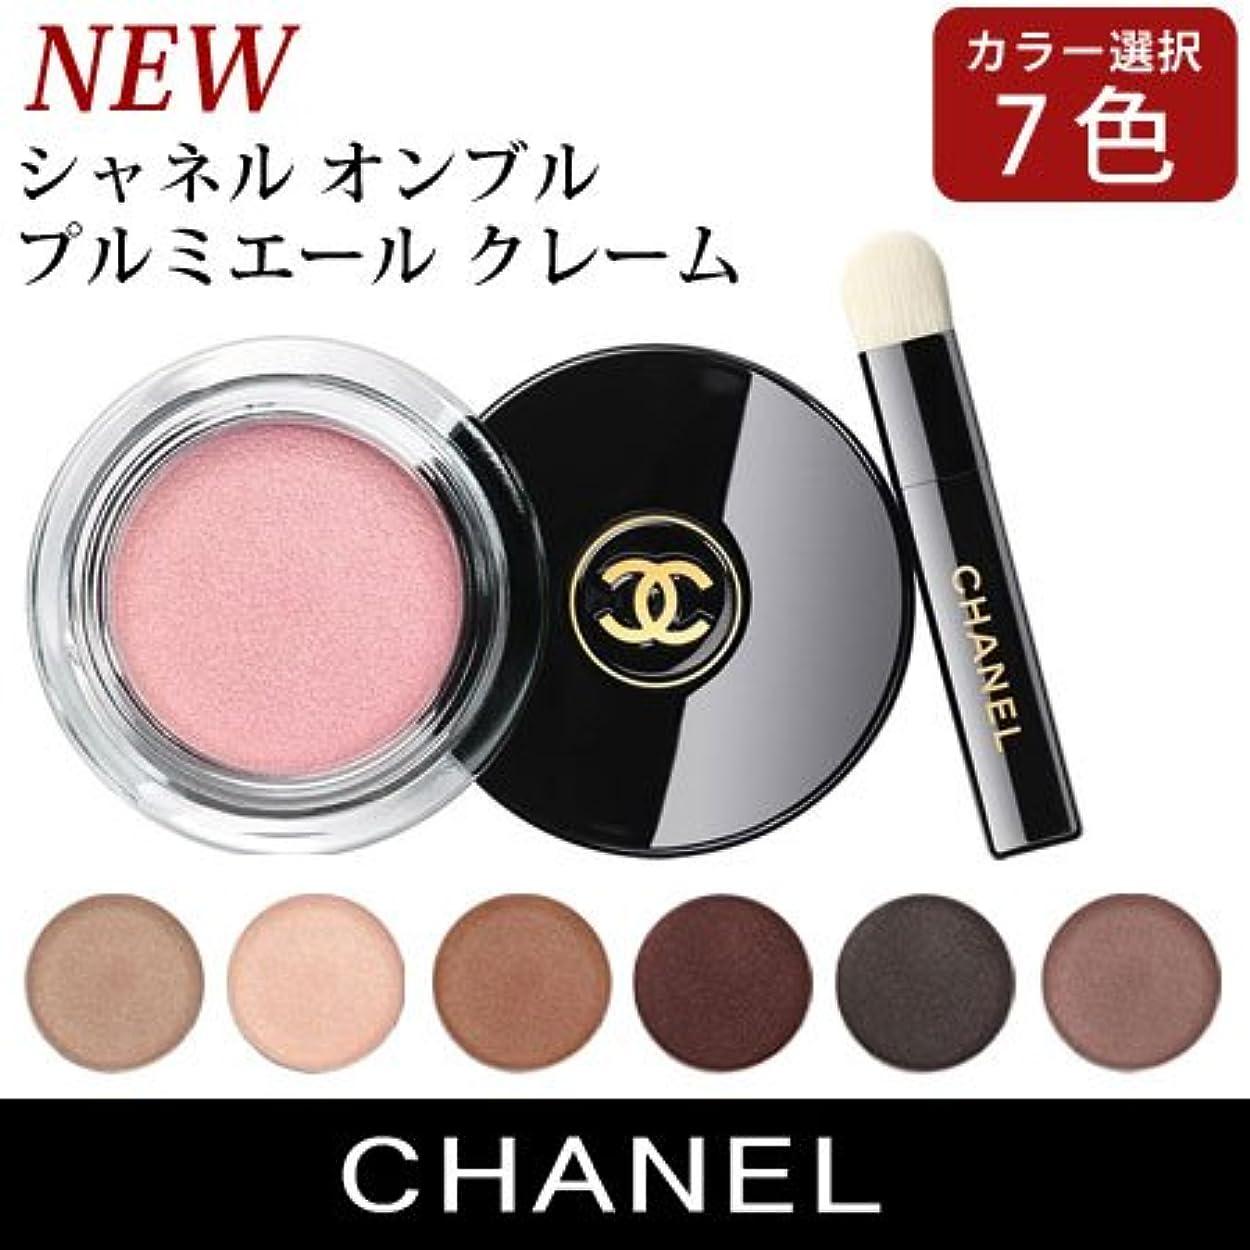 シャネル オンブル プルミエール クレーム CHANEL 【並行輸入品】 804